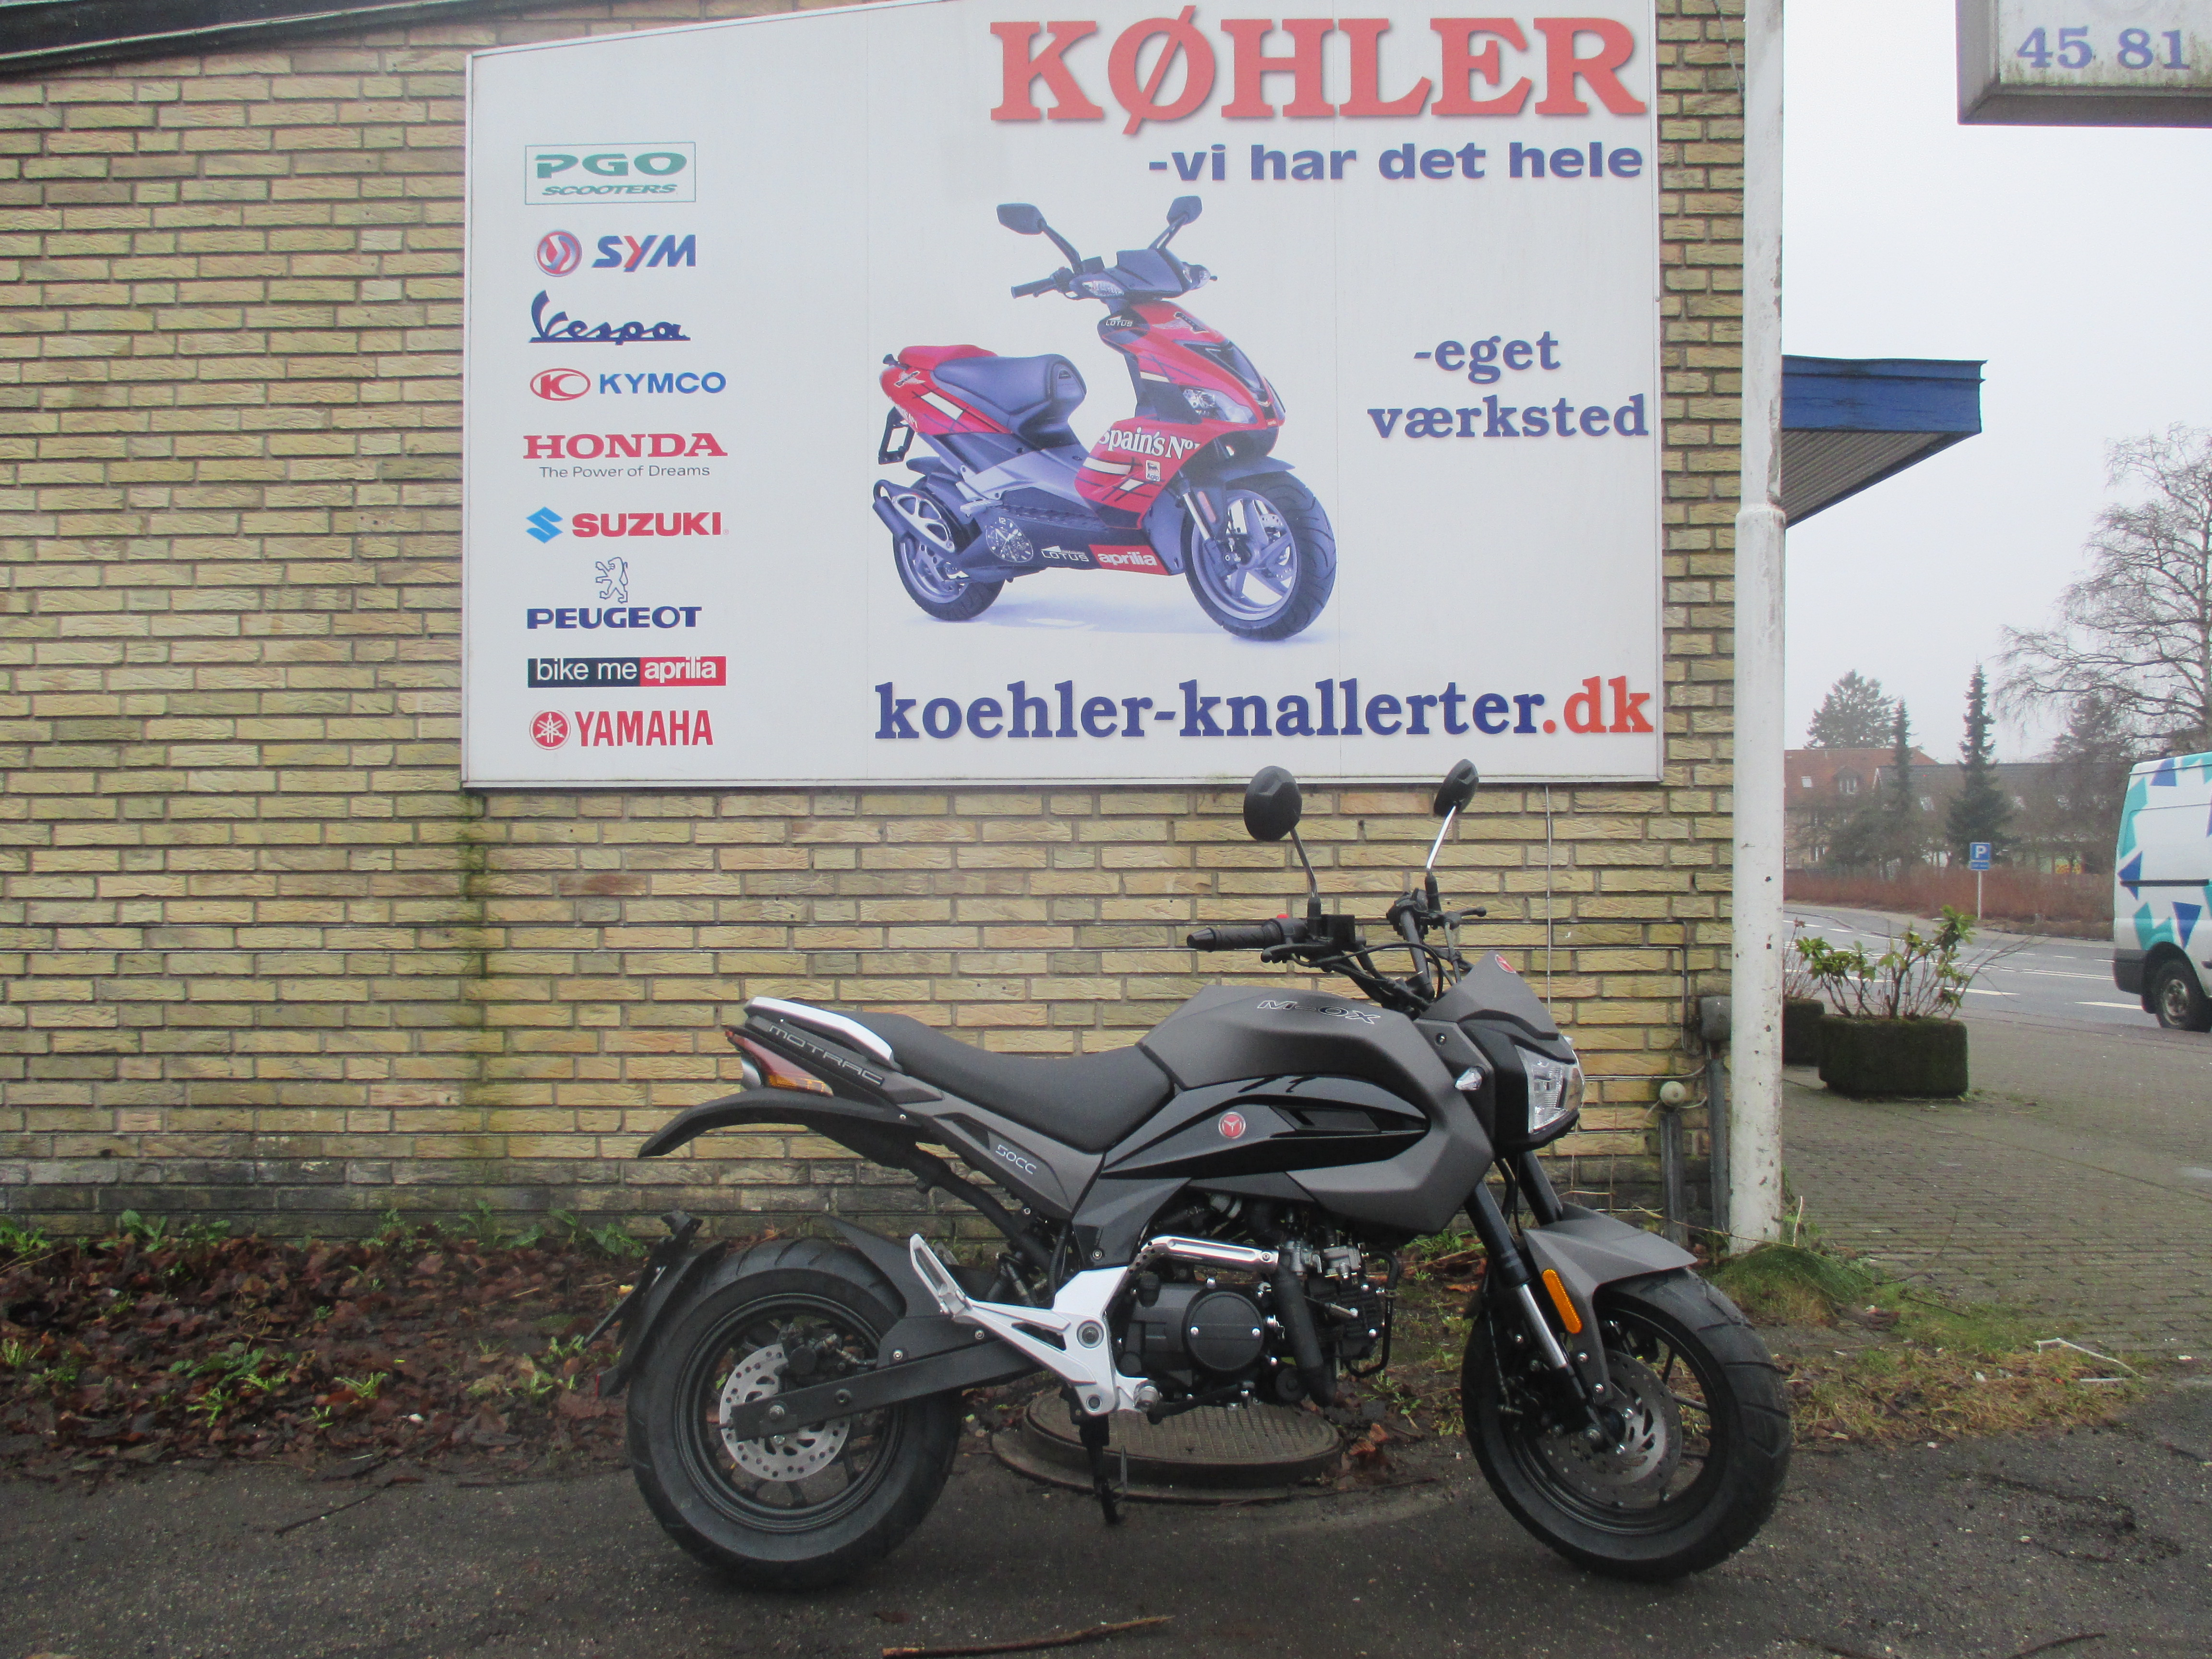 Motrac M-OX knallert